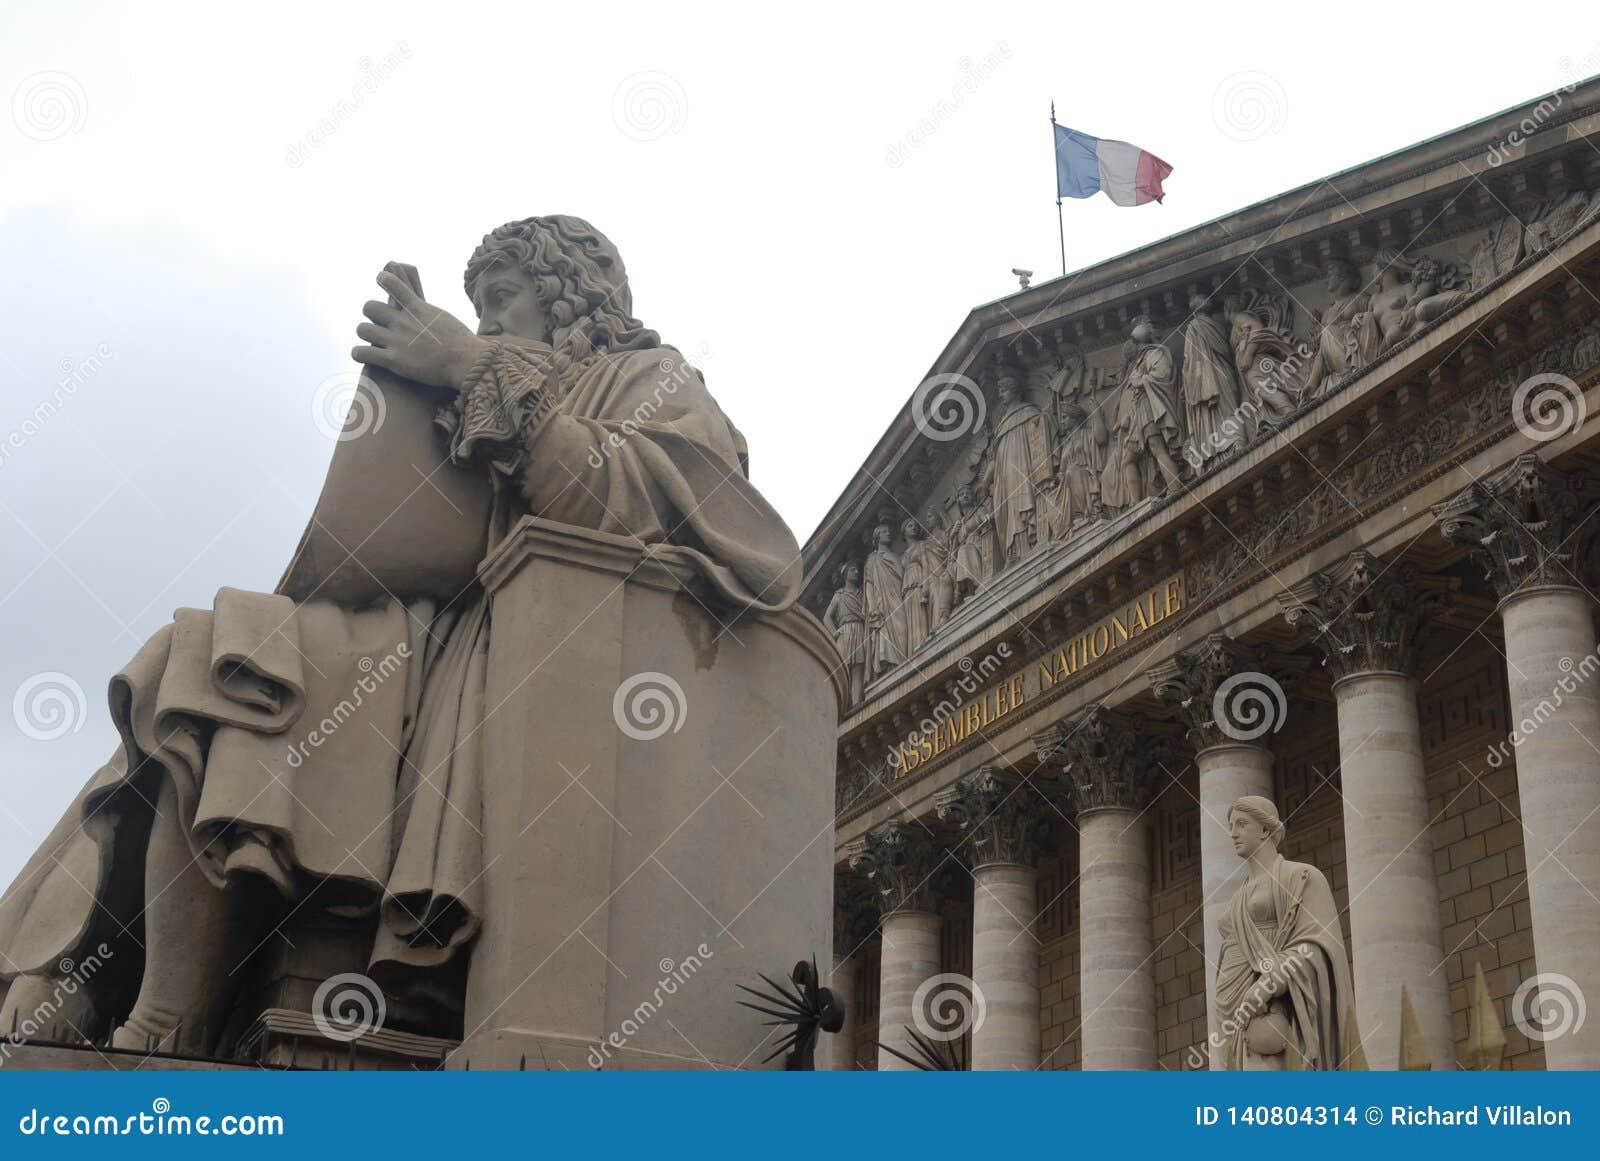 Fransk nationalförsamling i Paris